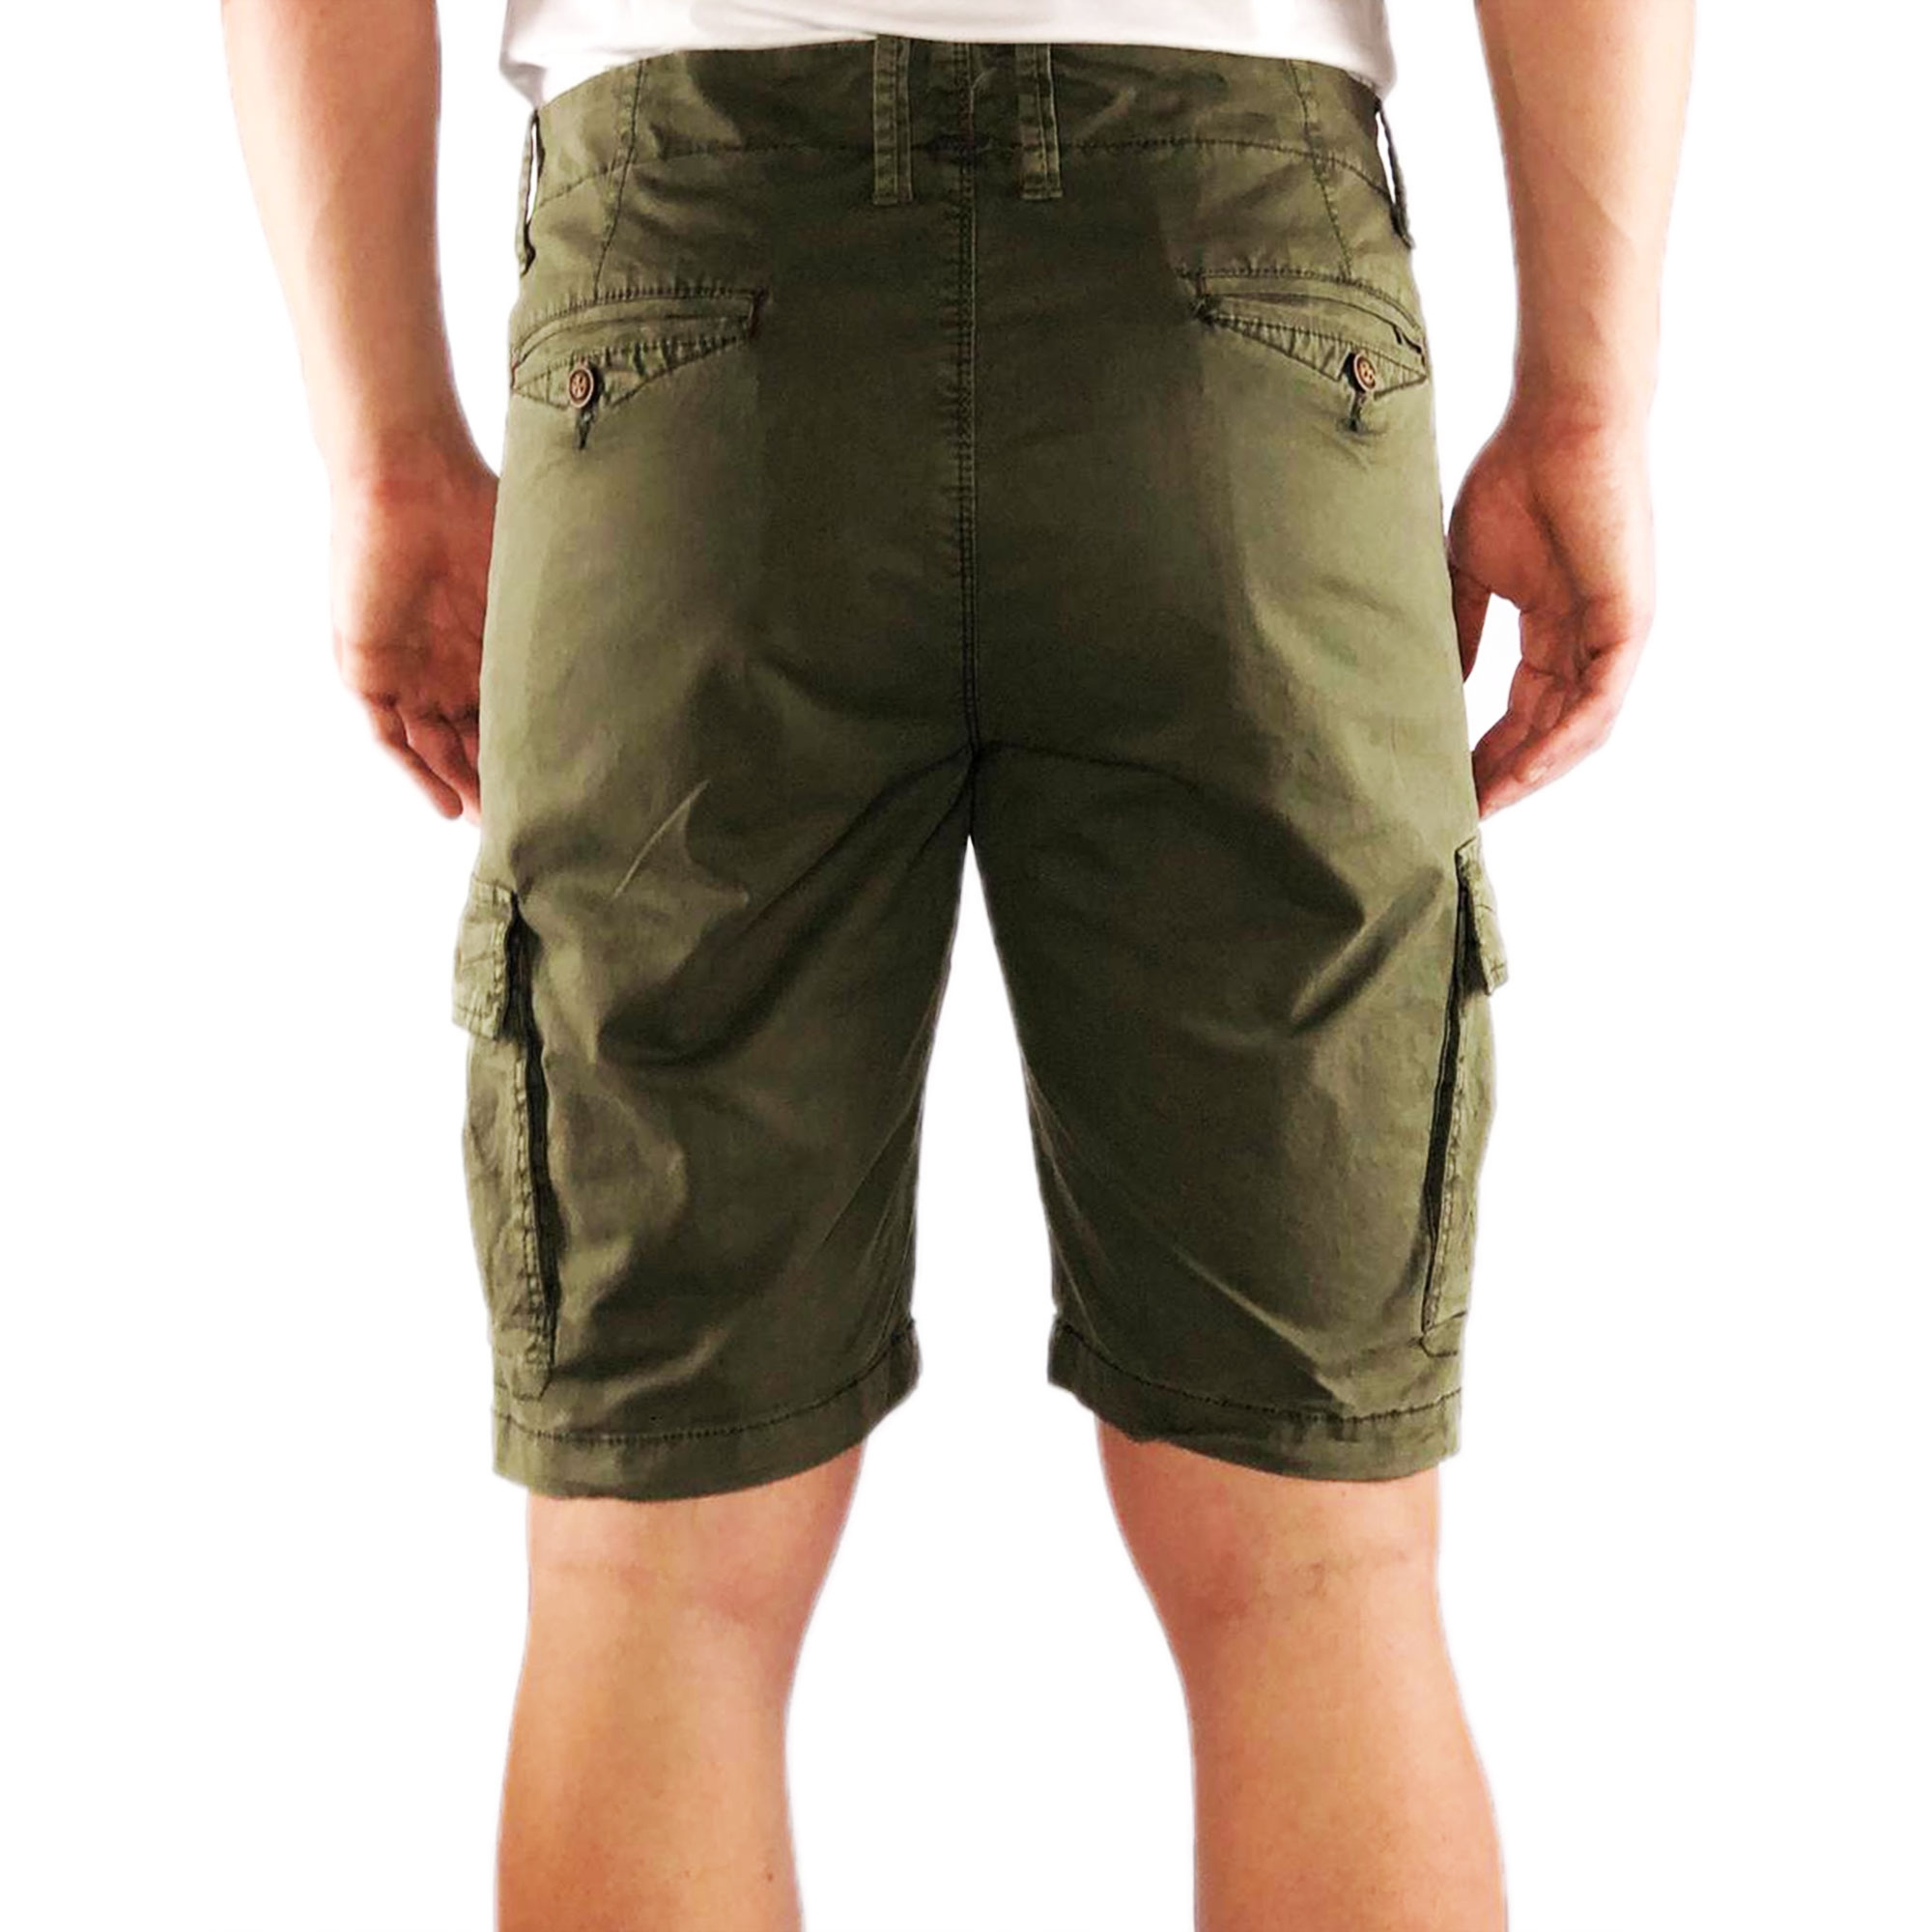 Bermuda-Uomo-Cargo-Cotone-Pantalone-Corto-Jeans-Tasconi-Laterali-Shorts-Casual miniatura 7